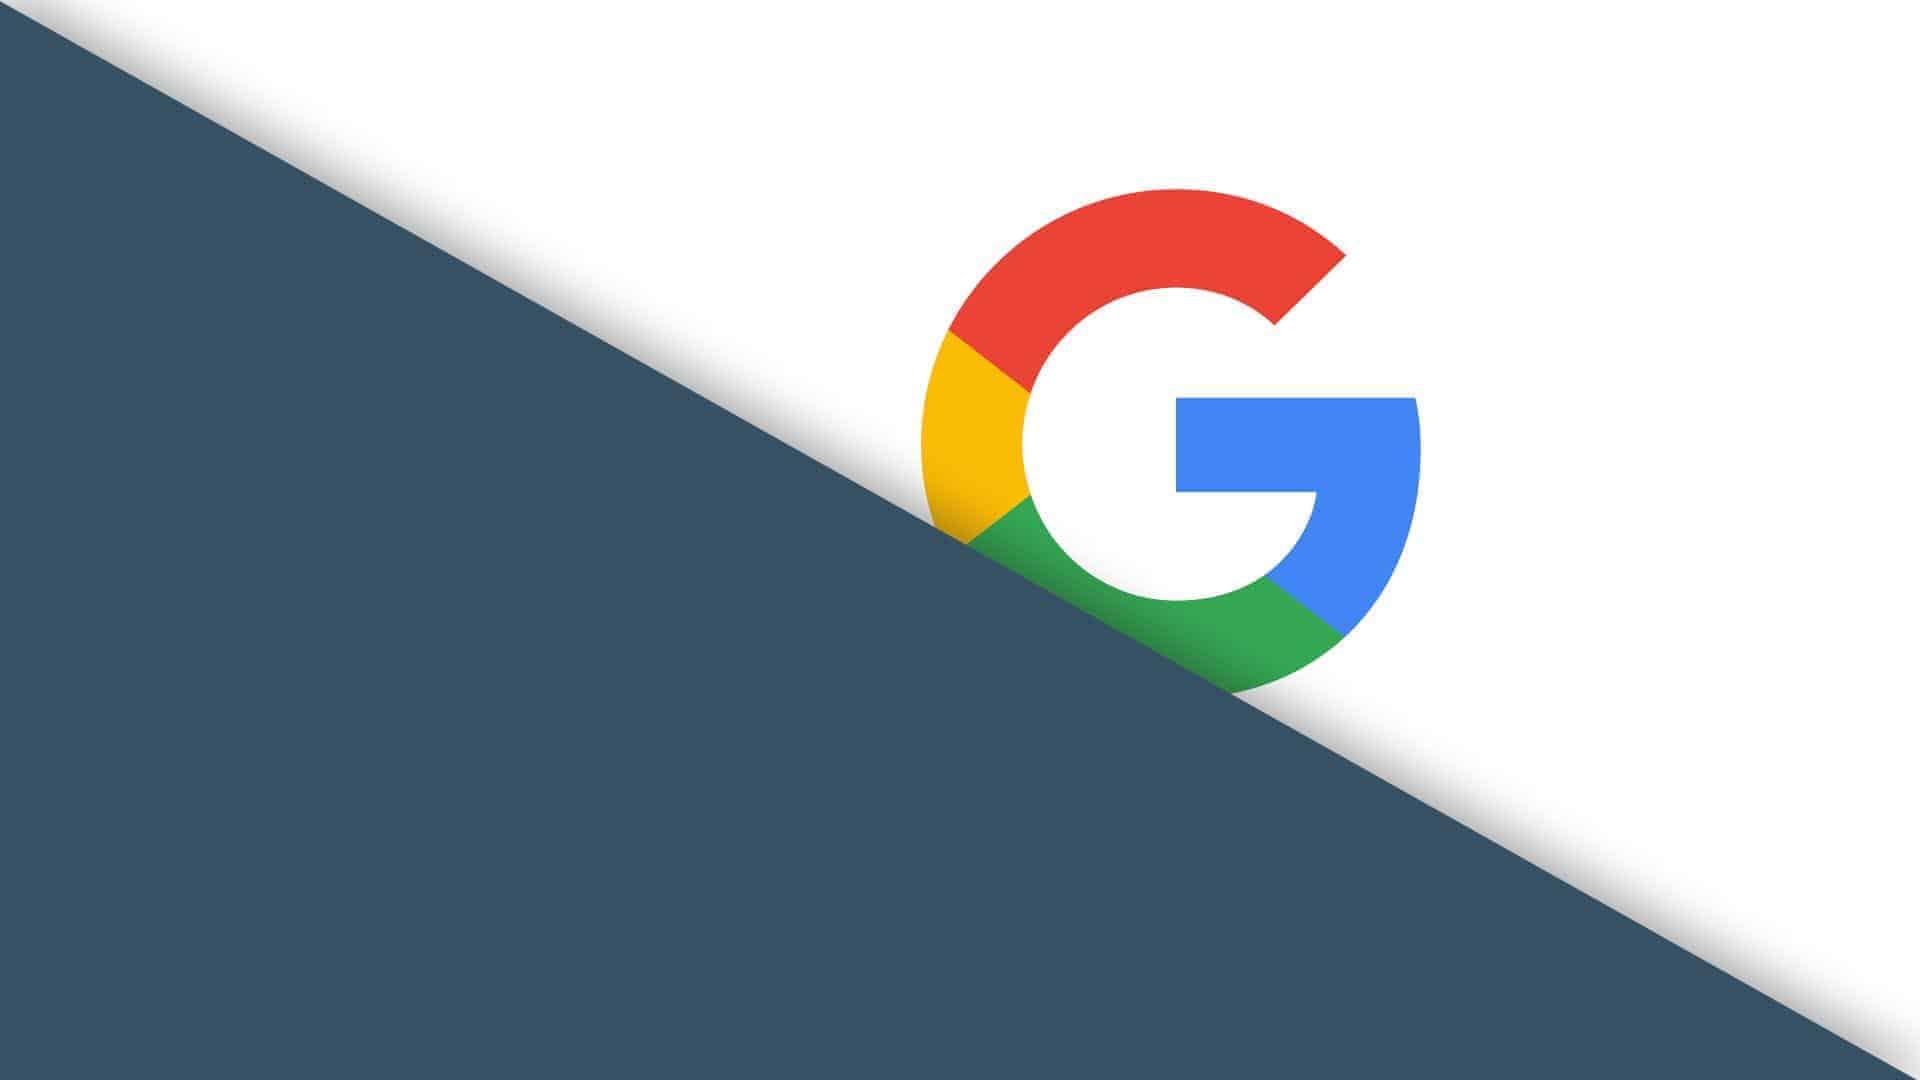 <mark>Qué es indexar y cómo funciona la indexación en Google</mark> 2